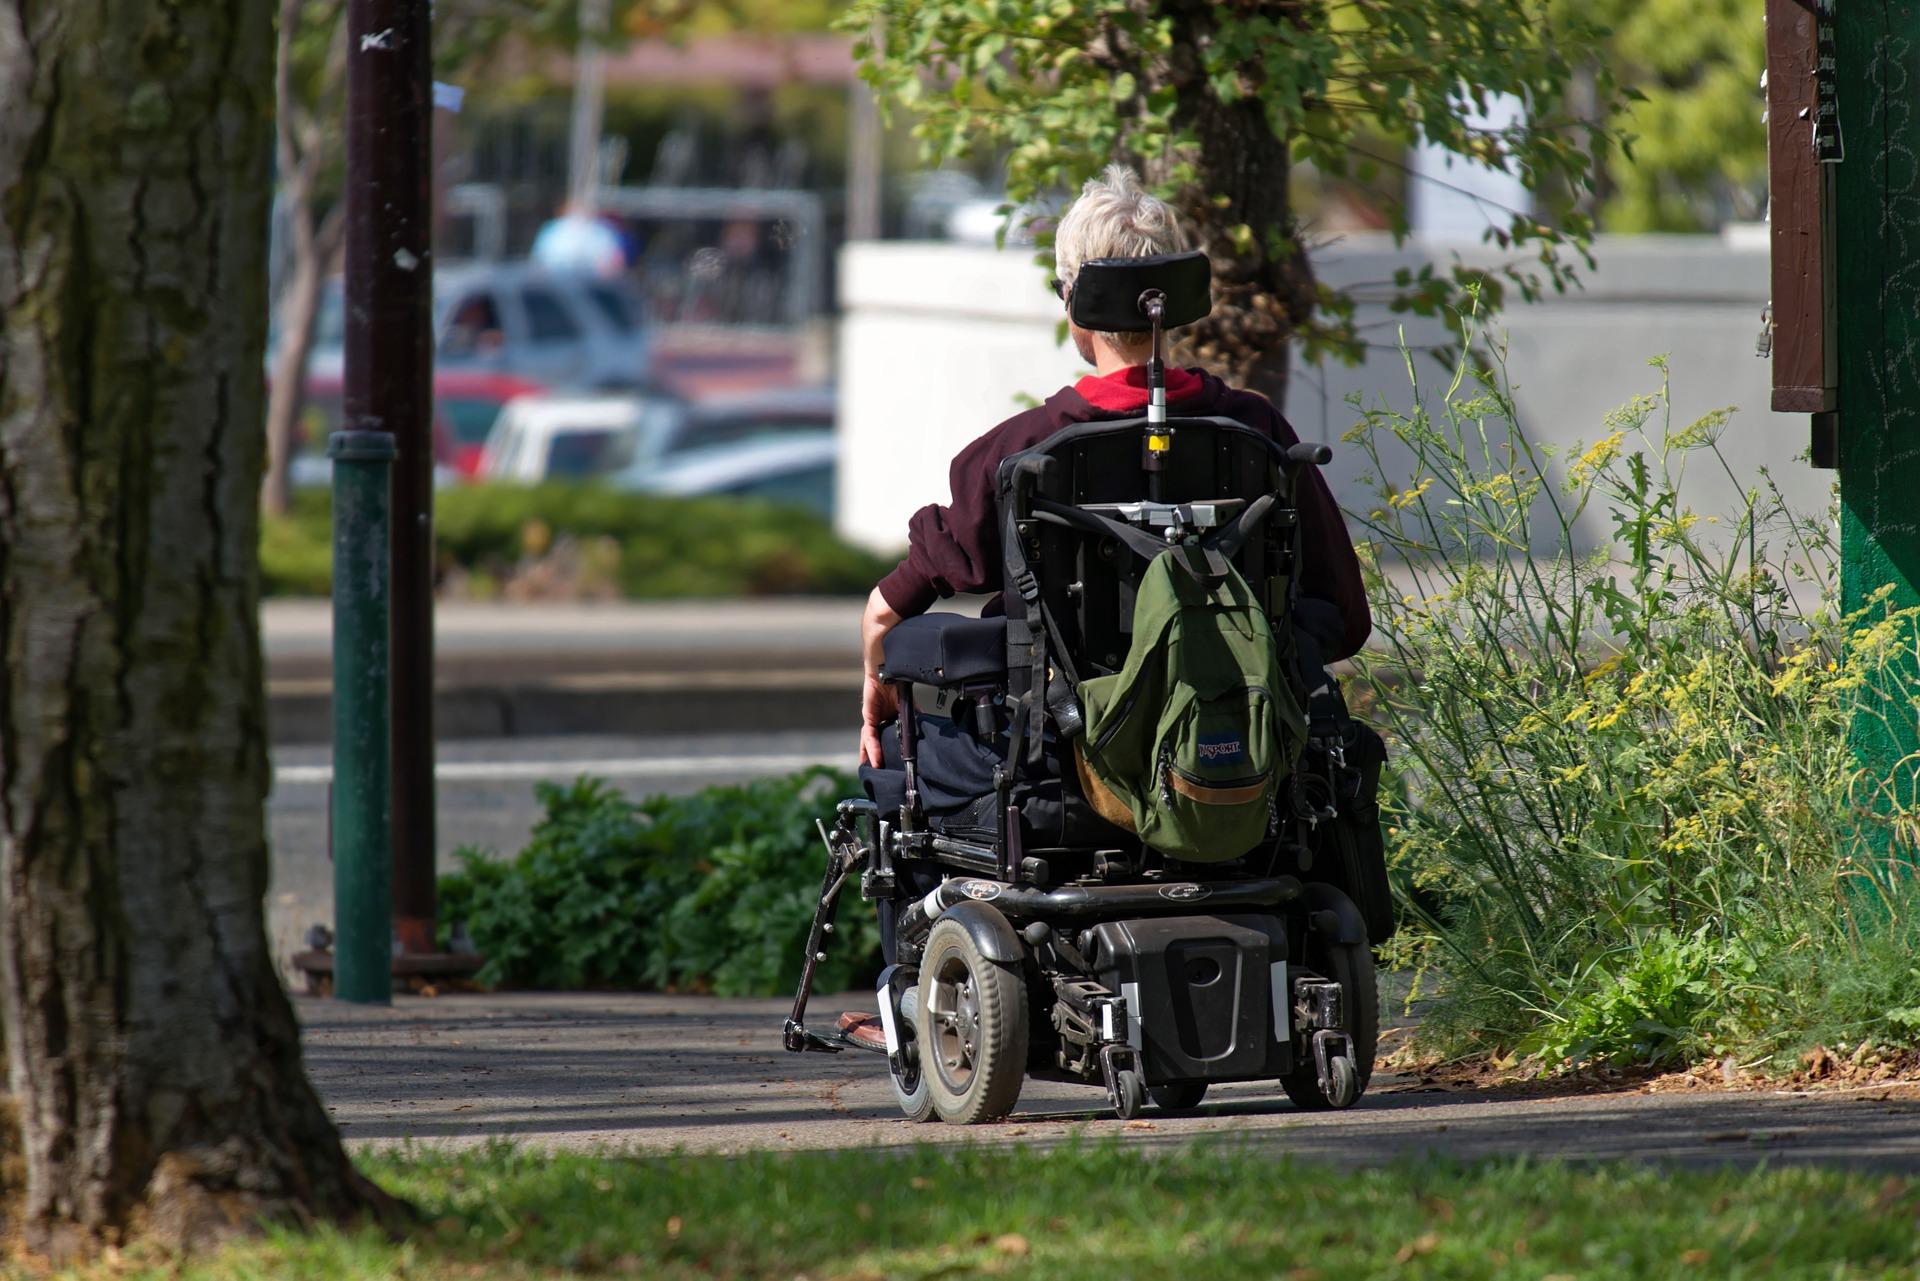 incivili parcheggi disabili-parcheggi disabili-contrassegno disabili-pass disabili-parcheggio disabili-ability channel-marciapiede disabili-rampe per disabili-rampe per carrozzine